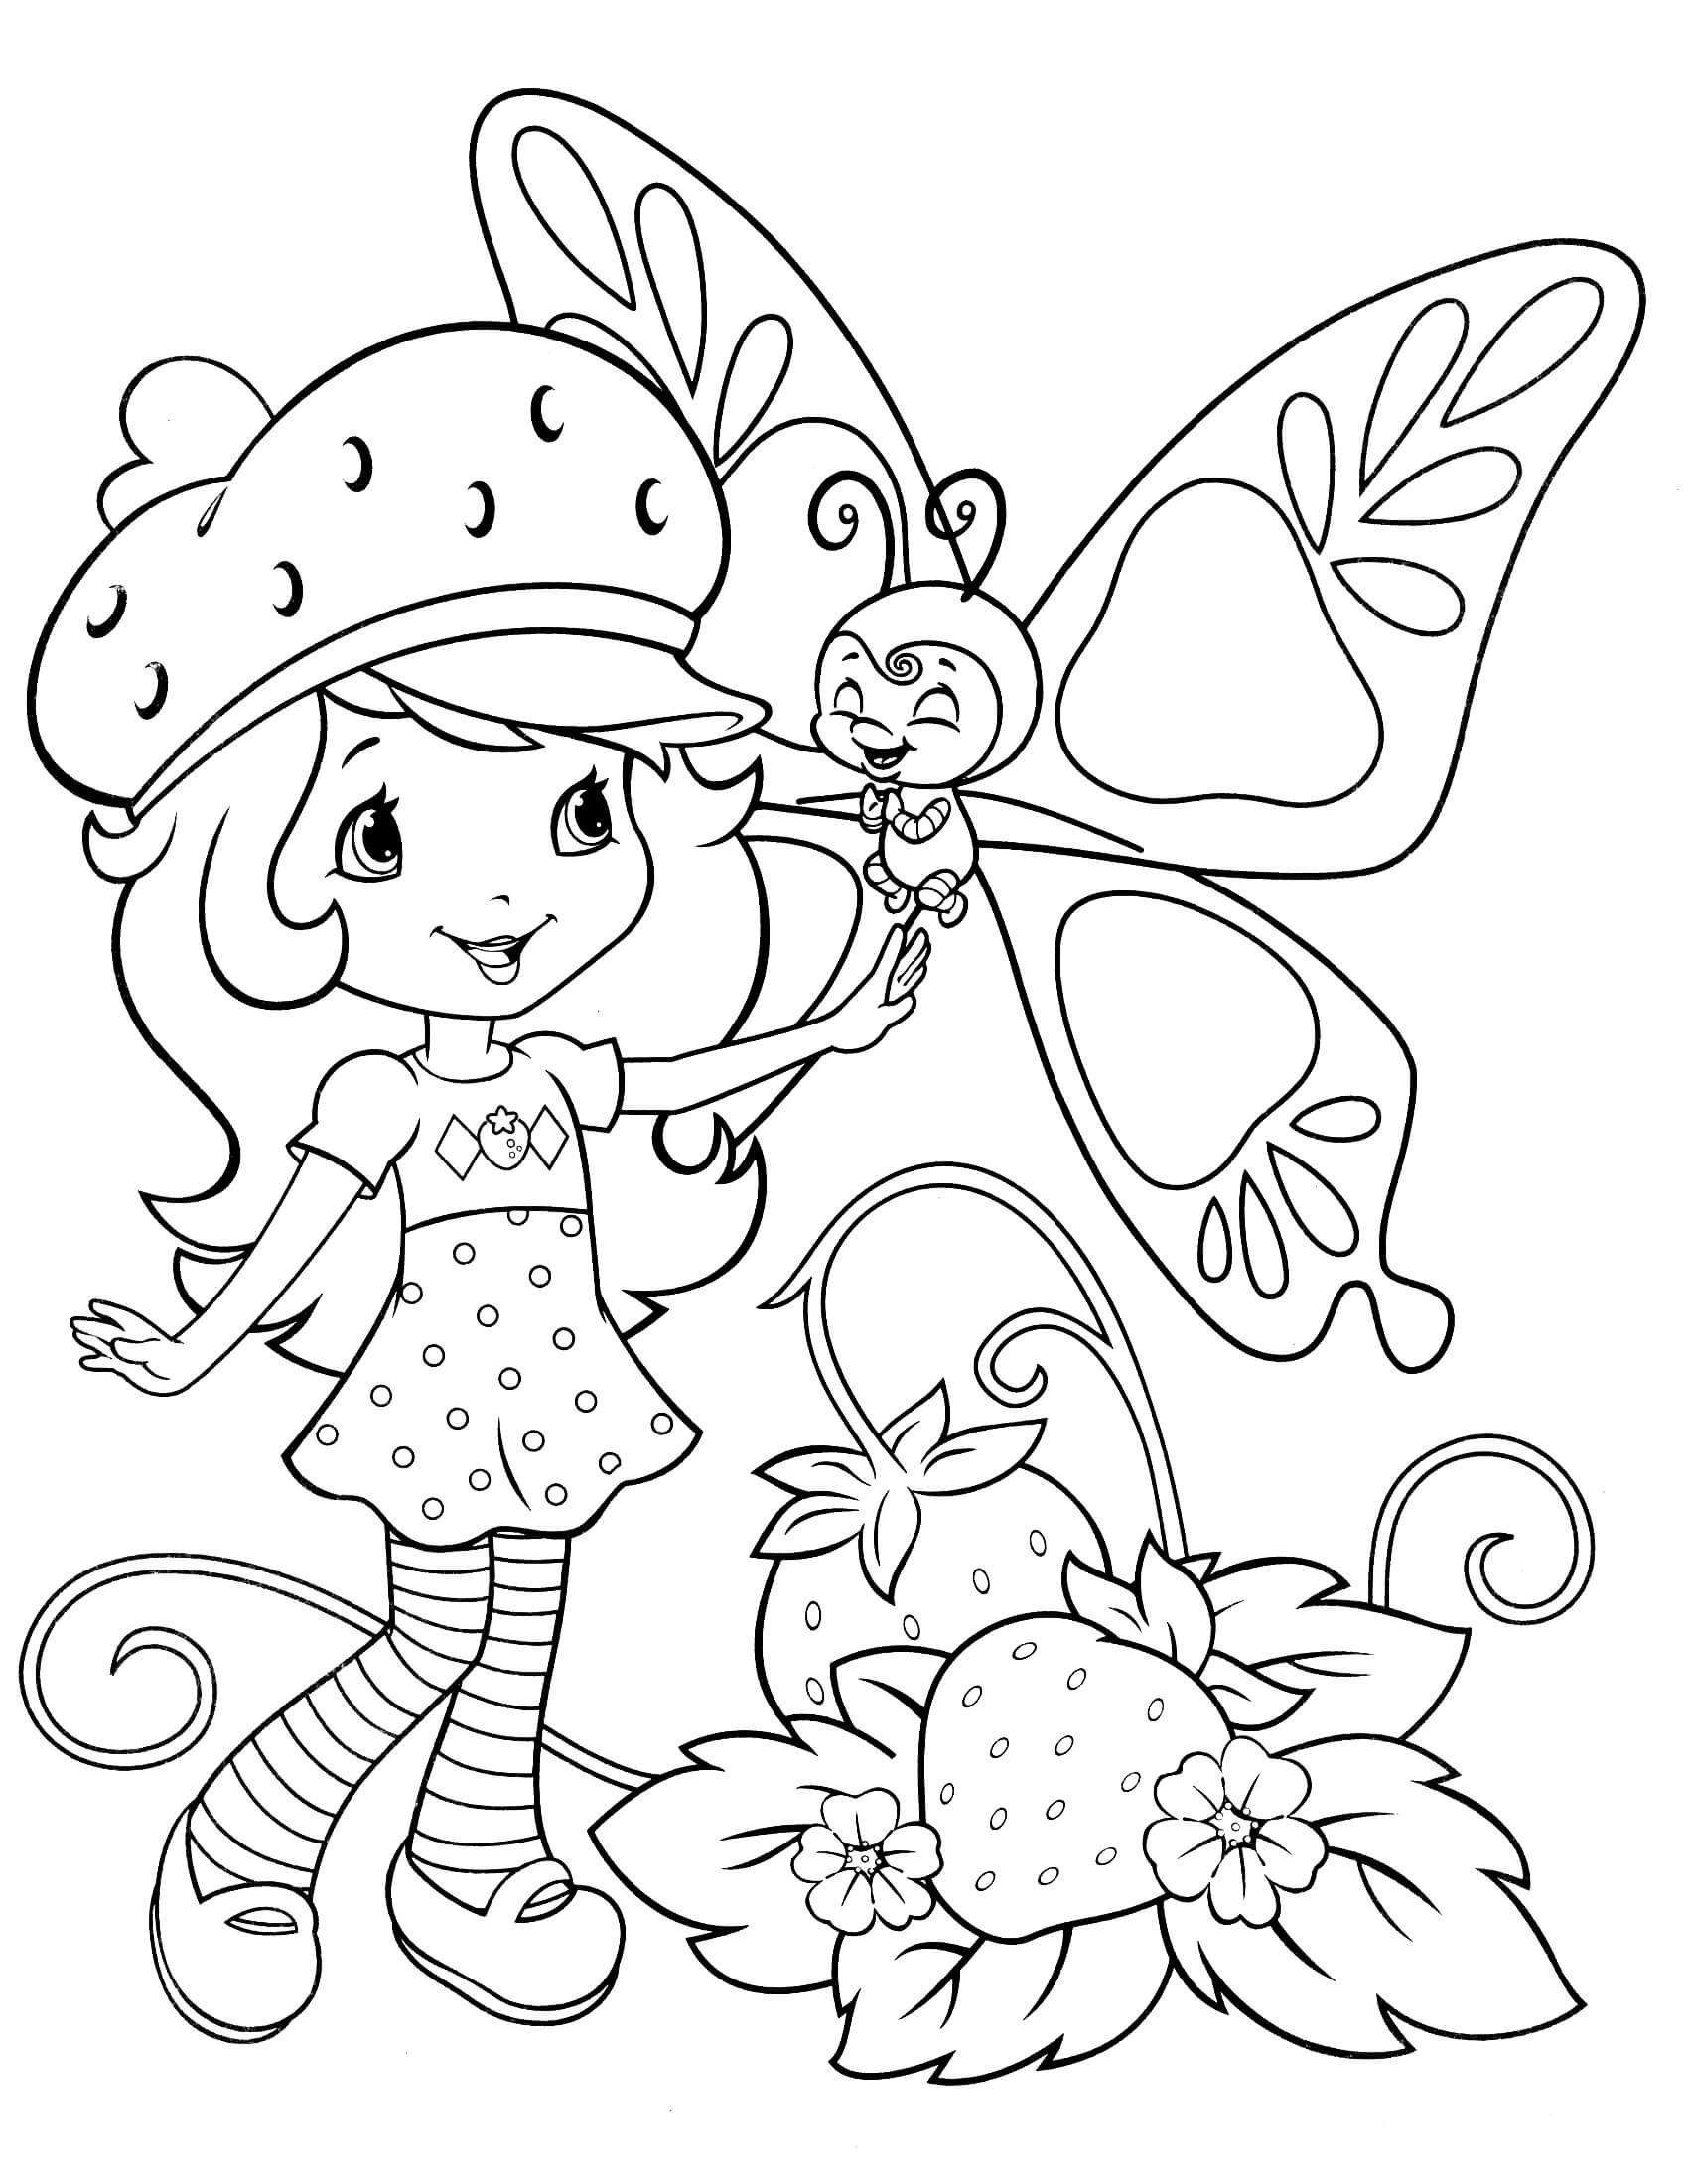 Strawberry Shortcake Coloring Page Desenho Moranguinho Desenhos